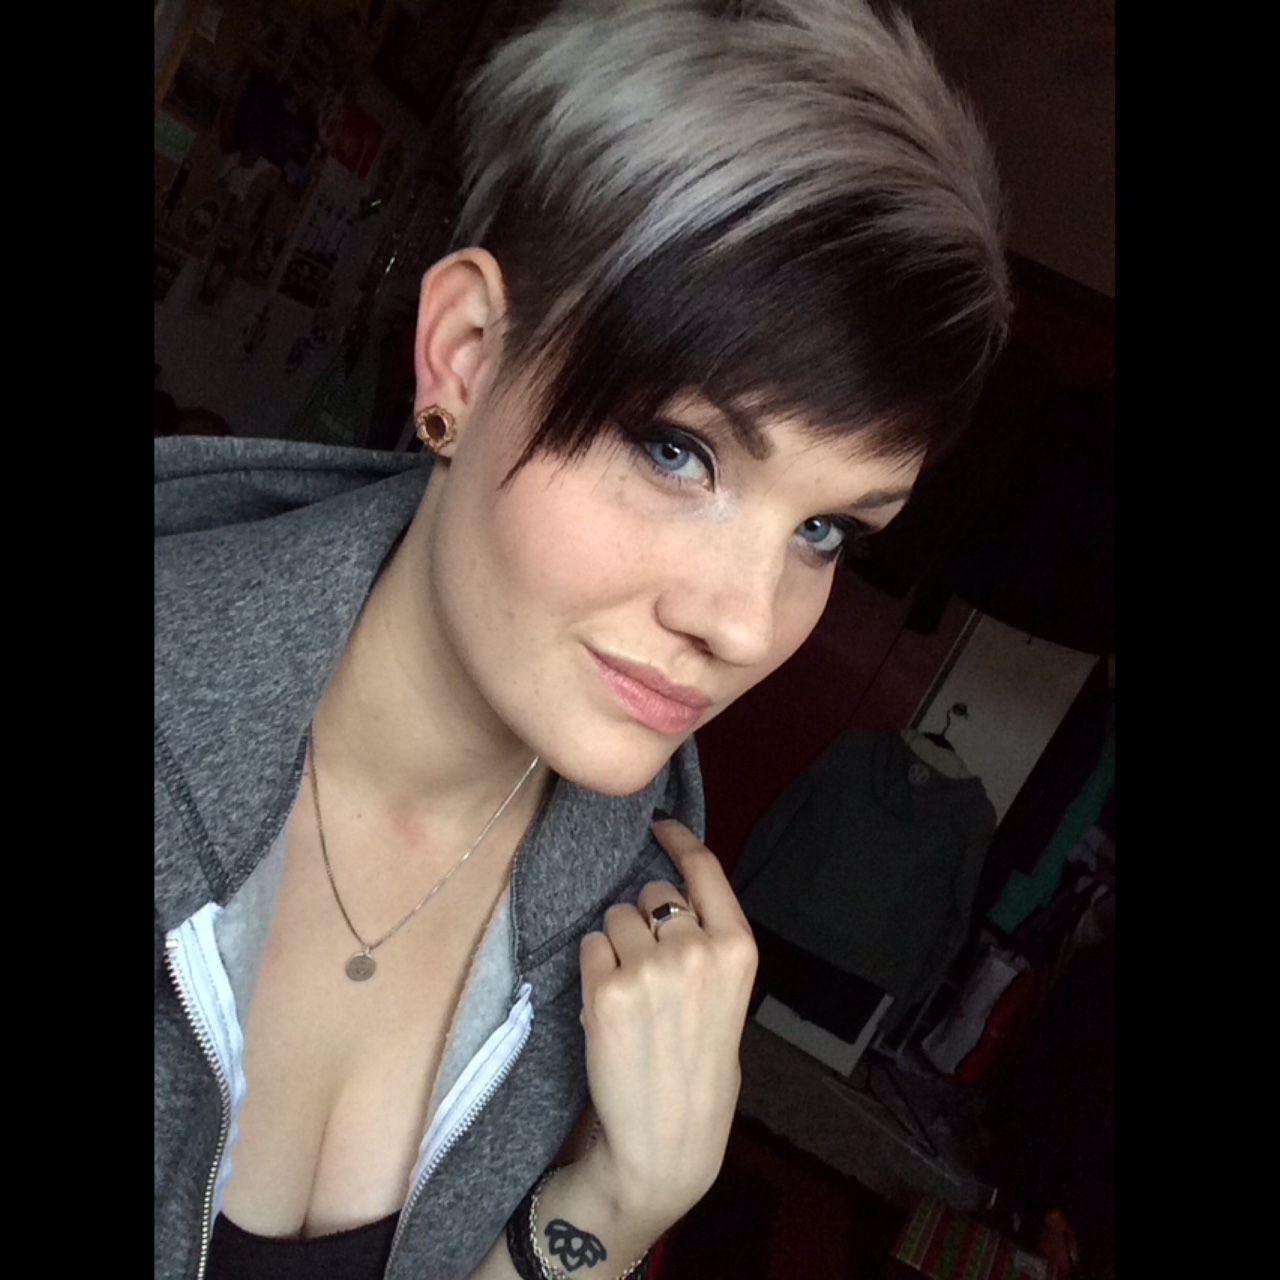 Gib Deinen Haaren Etwas Mehr Farbe Pfiffige Kurzhaarfrisuren Mit